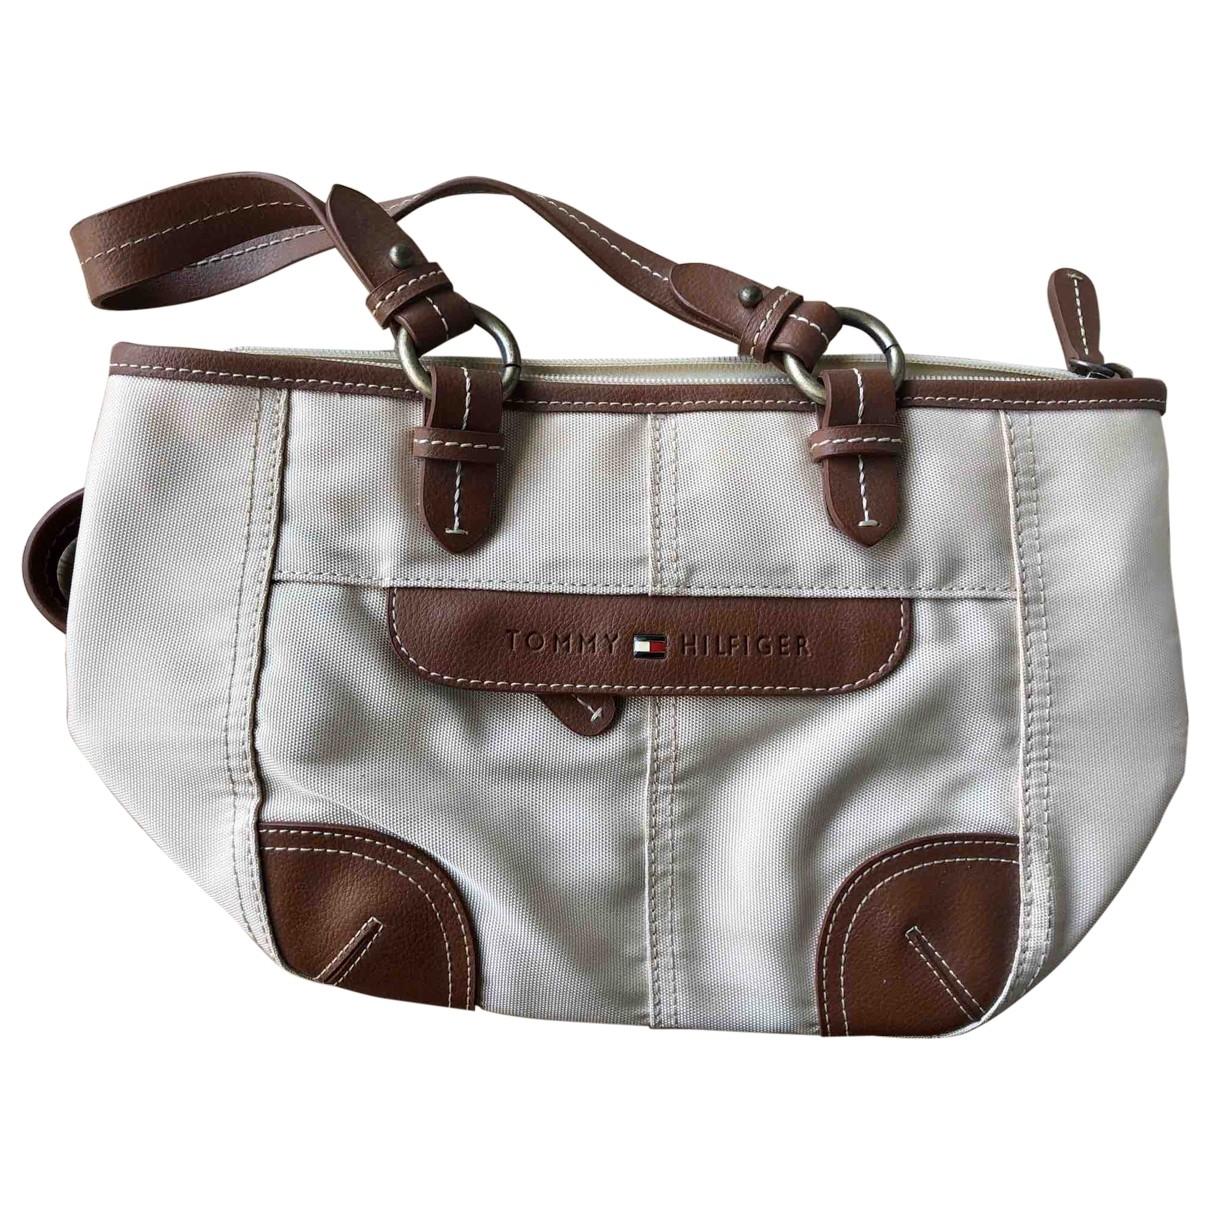 Tommy Hilfiger \N Ecru handbag for Women \N